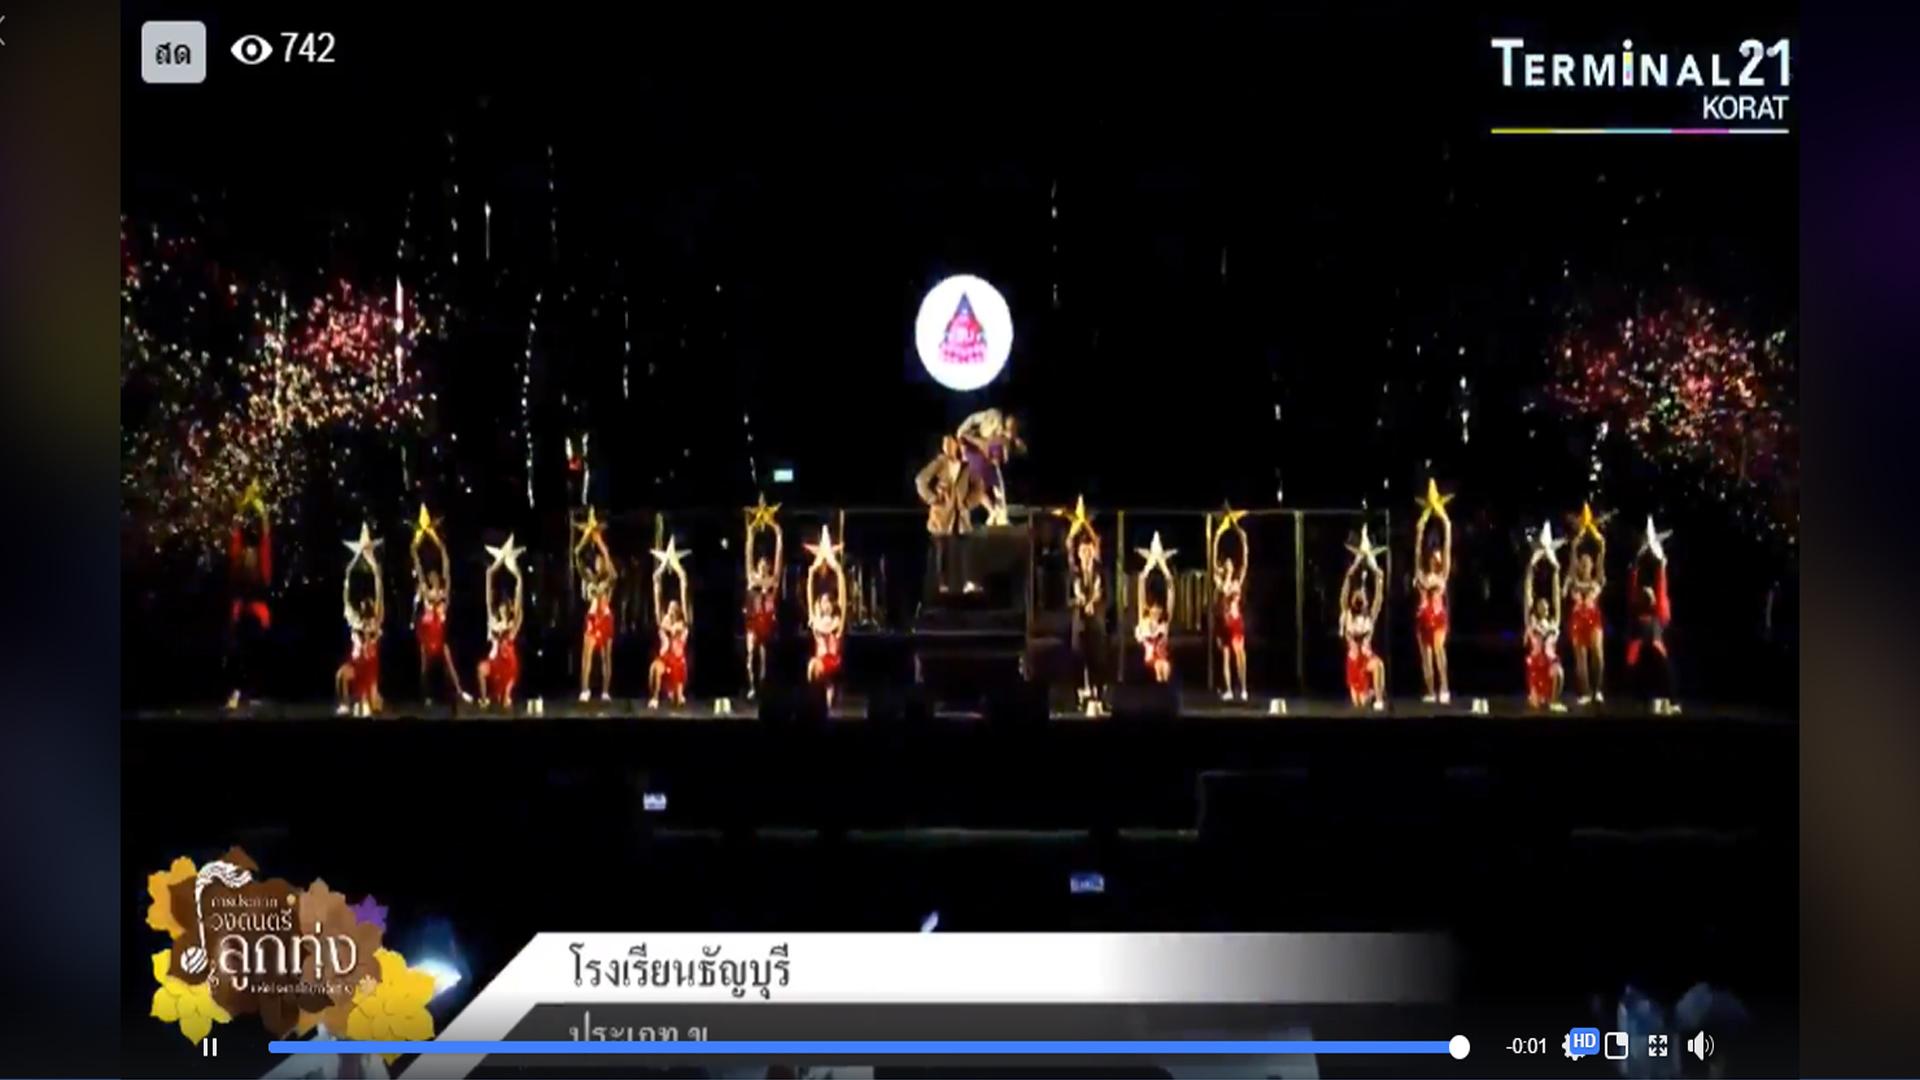 การประกวดวงดนตรีลูกทุ่งแห่งประเทศไทย ครั้งที่ ๑ ประจำปี ๒๕๖๒ ชิงถ้วยพระราชทาน พระบาทสมเด็จพระเจ้าอยู่หัว และสมเด็จพระนางเจ้าสุทิดาฯ พระบรมราชินี